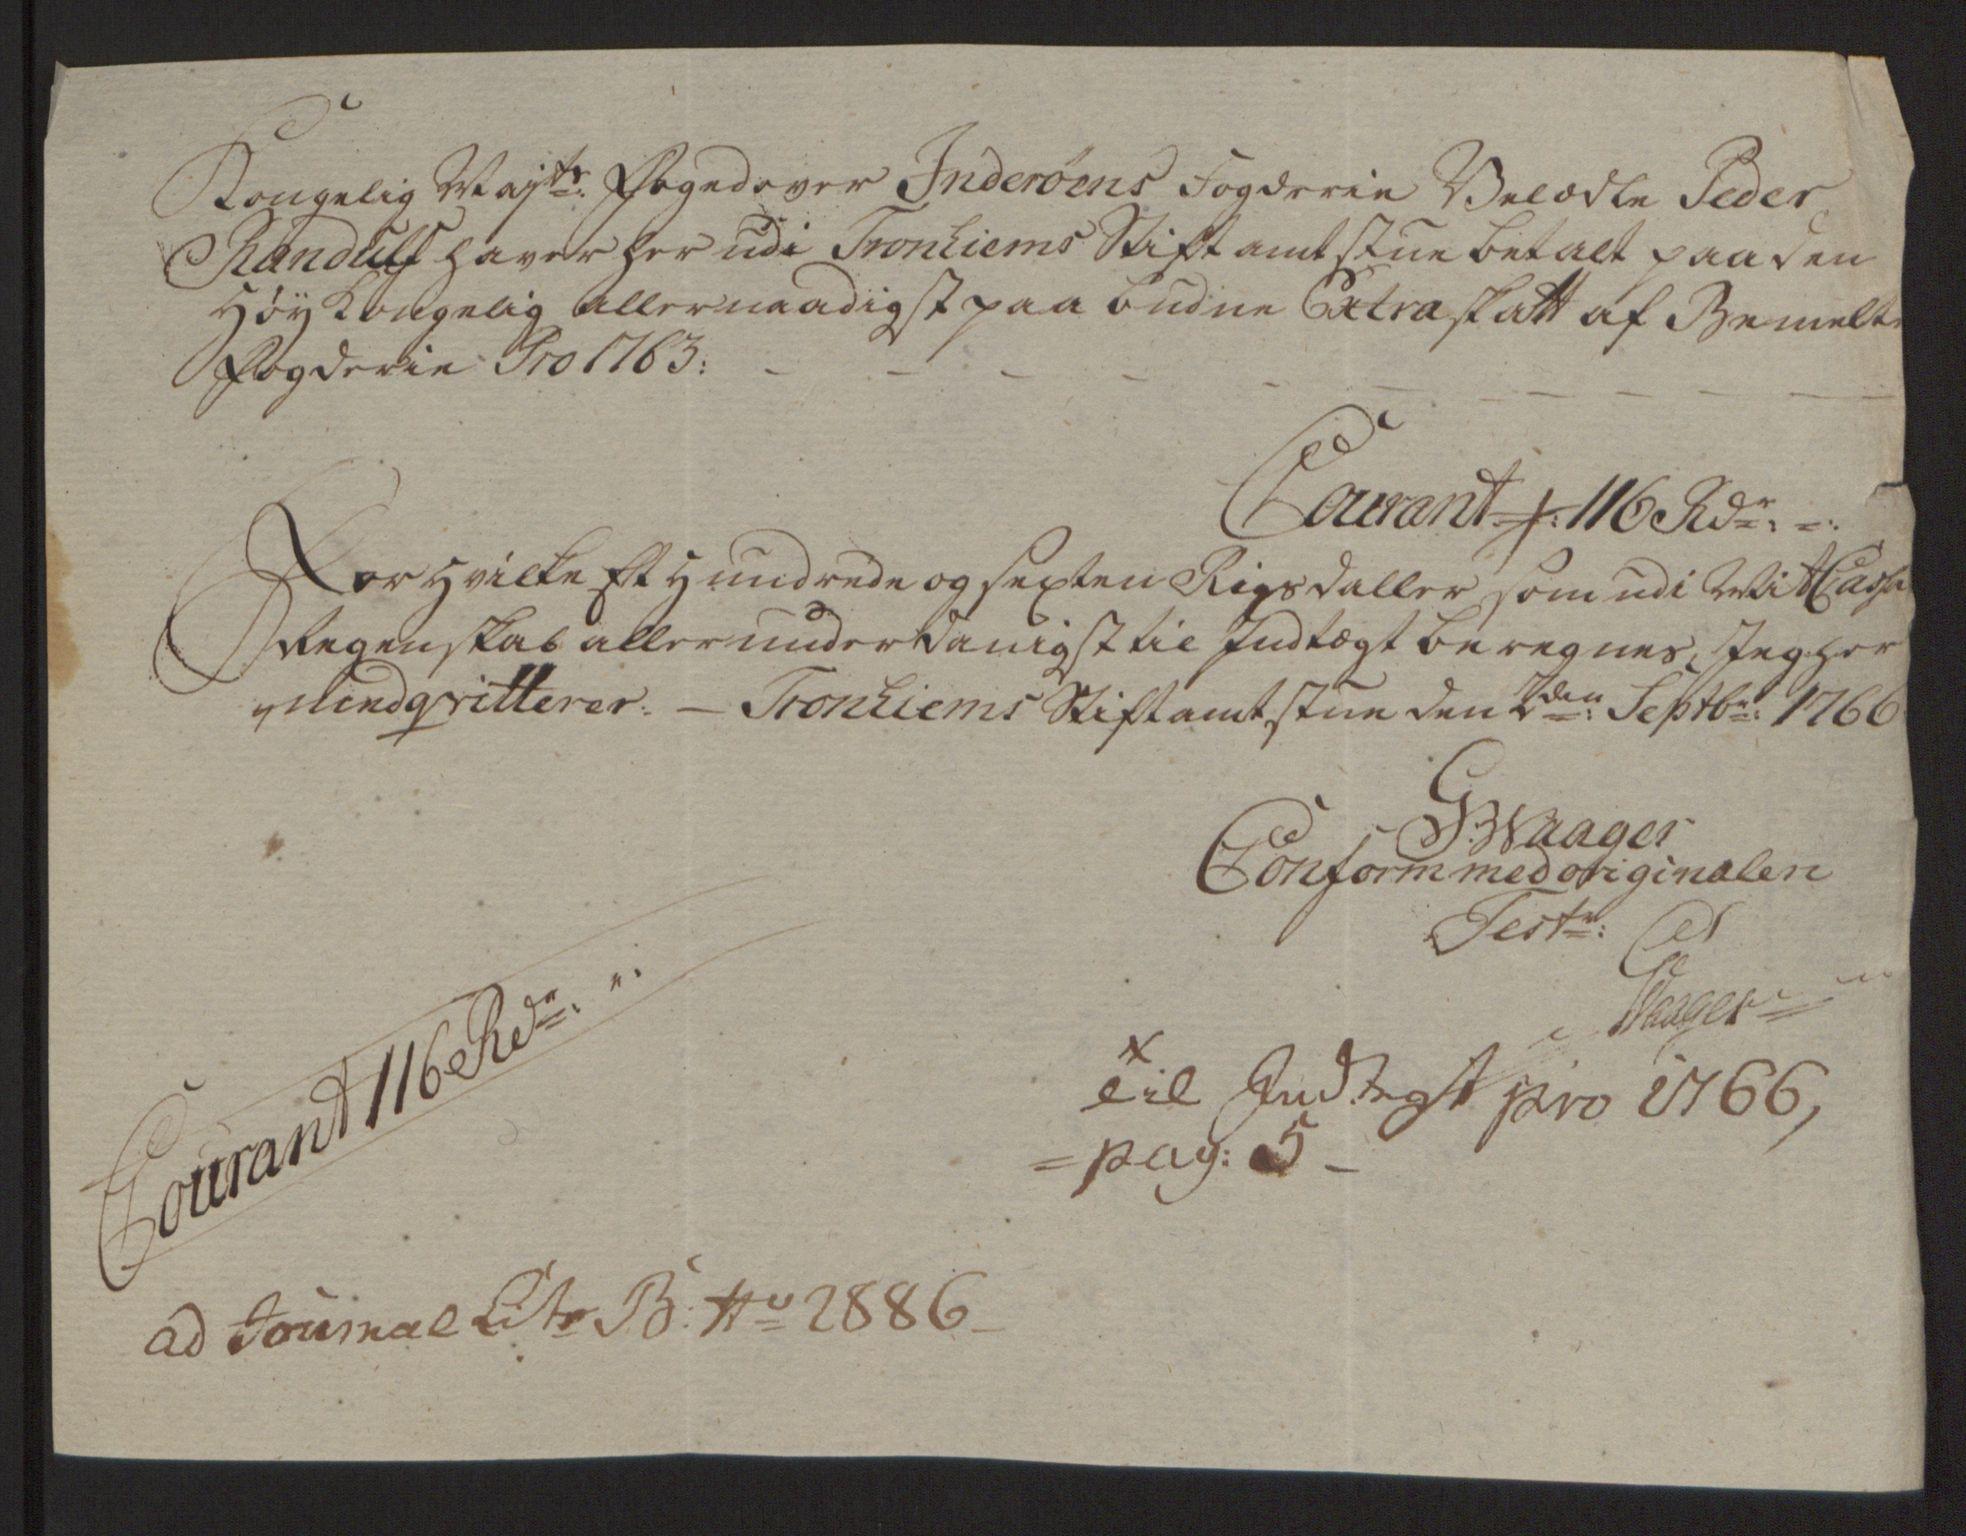 RA, Rentekammeret inntil 1814, Reviderte regnskaper, Fogderegnskap, R63/L4420: Ekstraskatten Inderøy, 1762-1772, s. 262